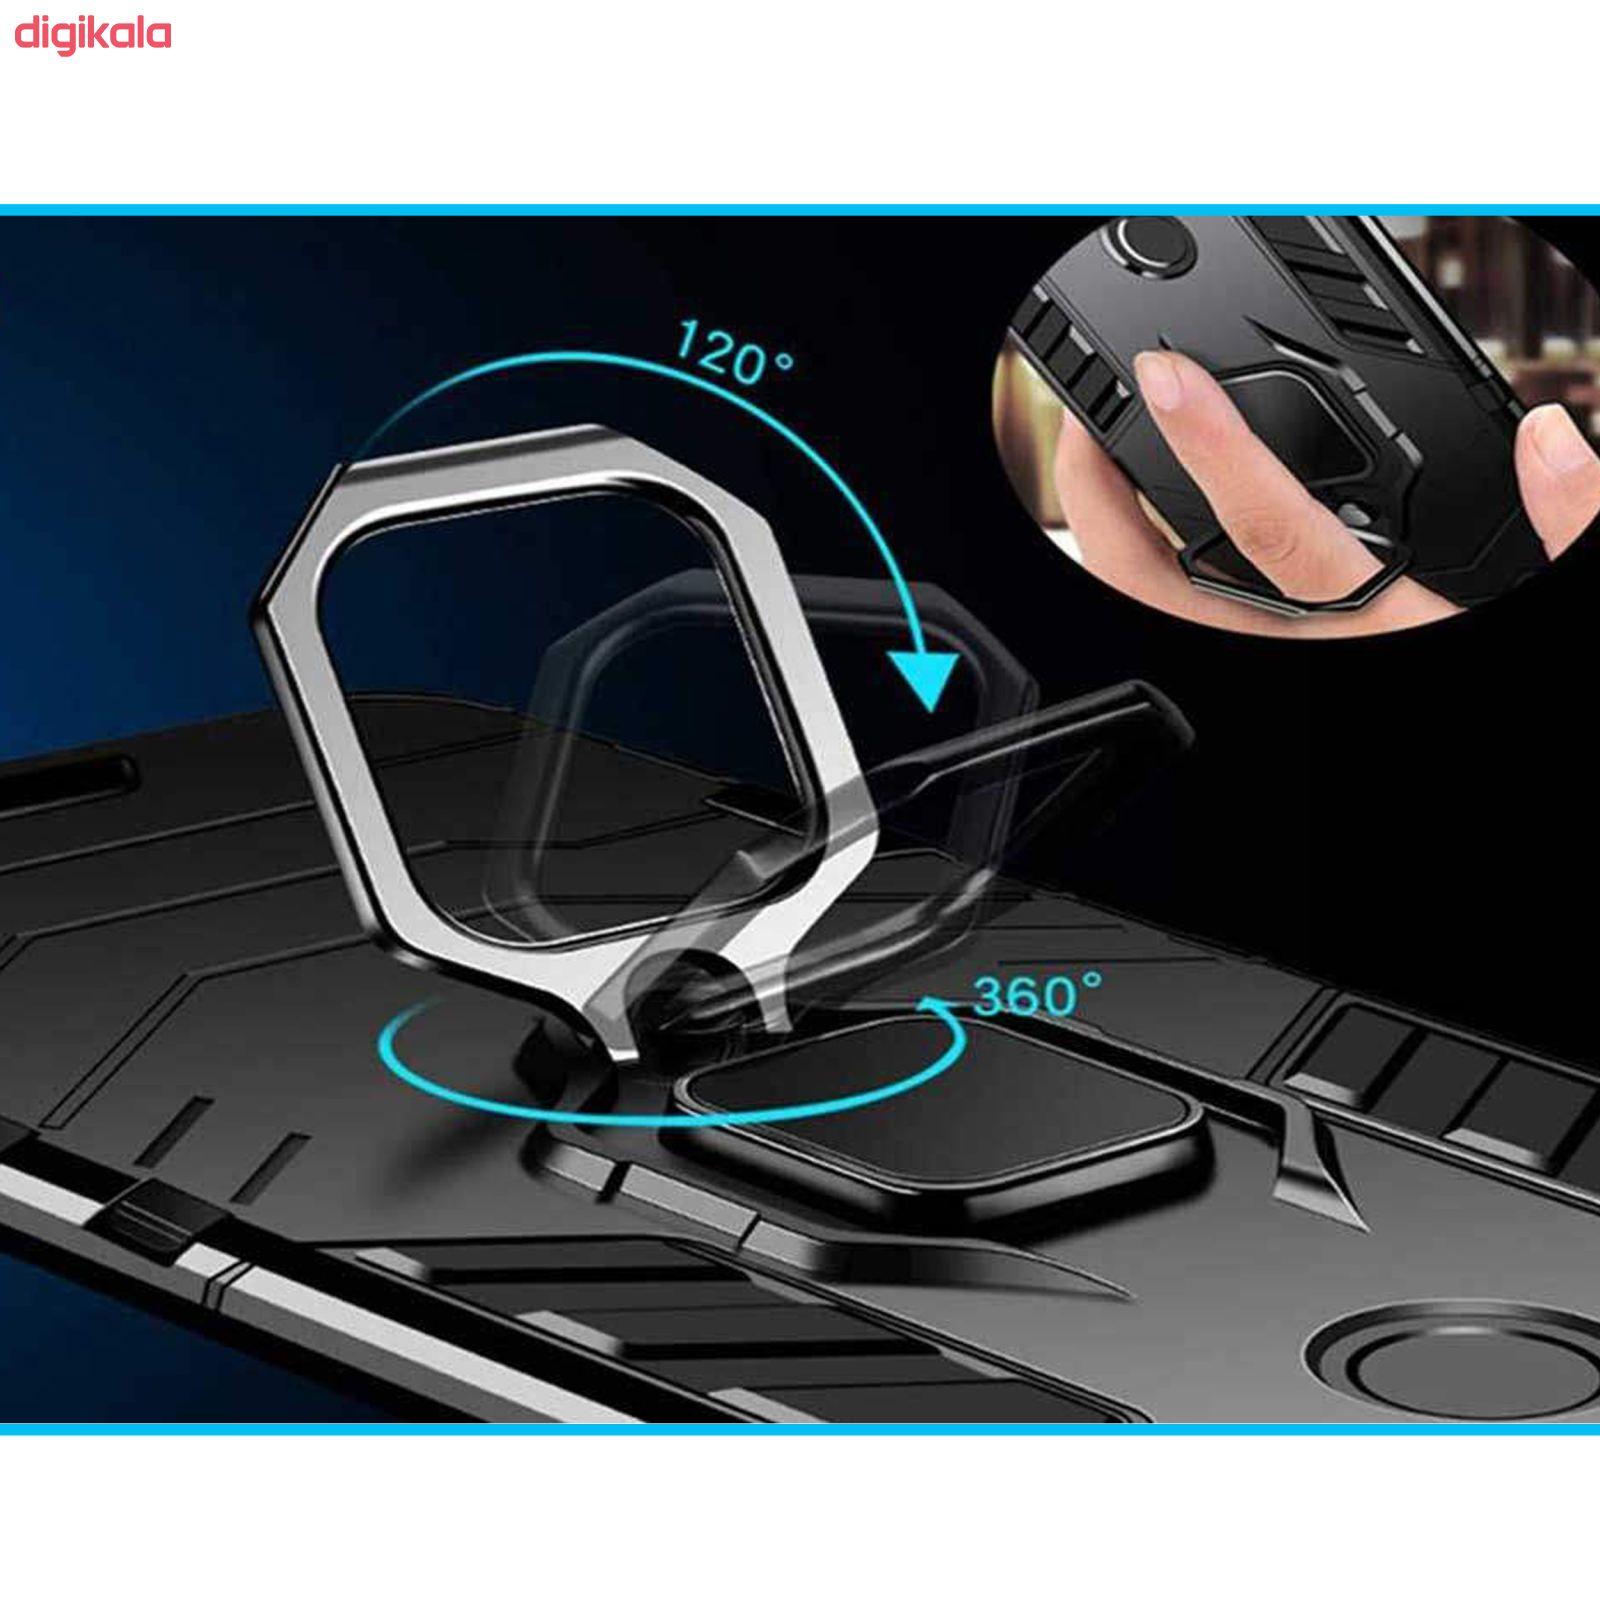 کاور کینگ پاور مدل ASH22 مناسب برای گوشی موبایل هوآوی Y9s main 1 5